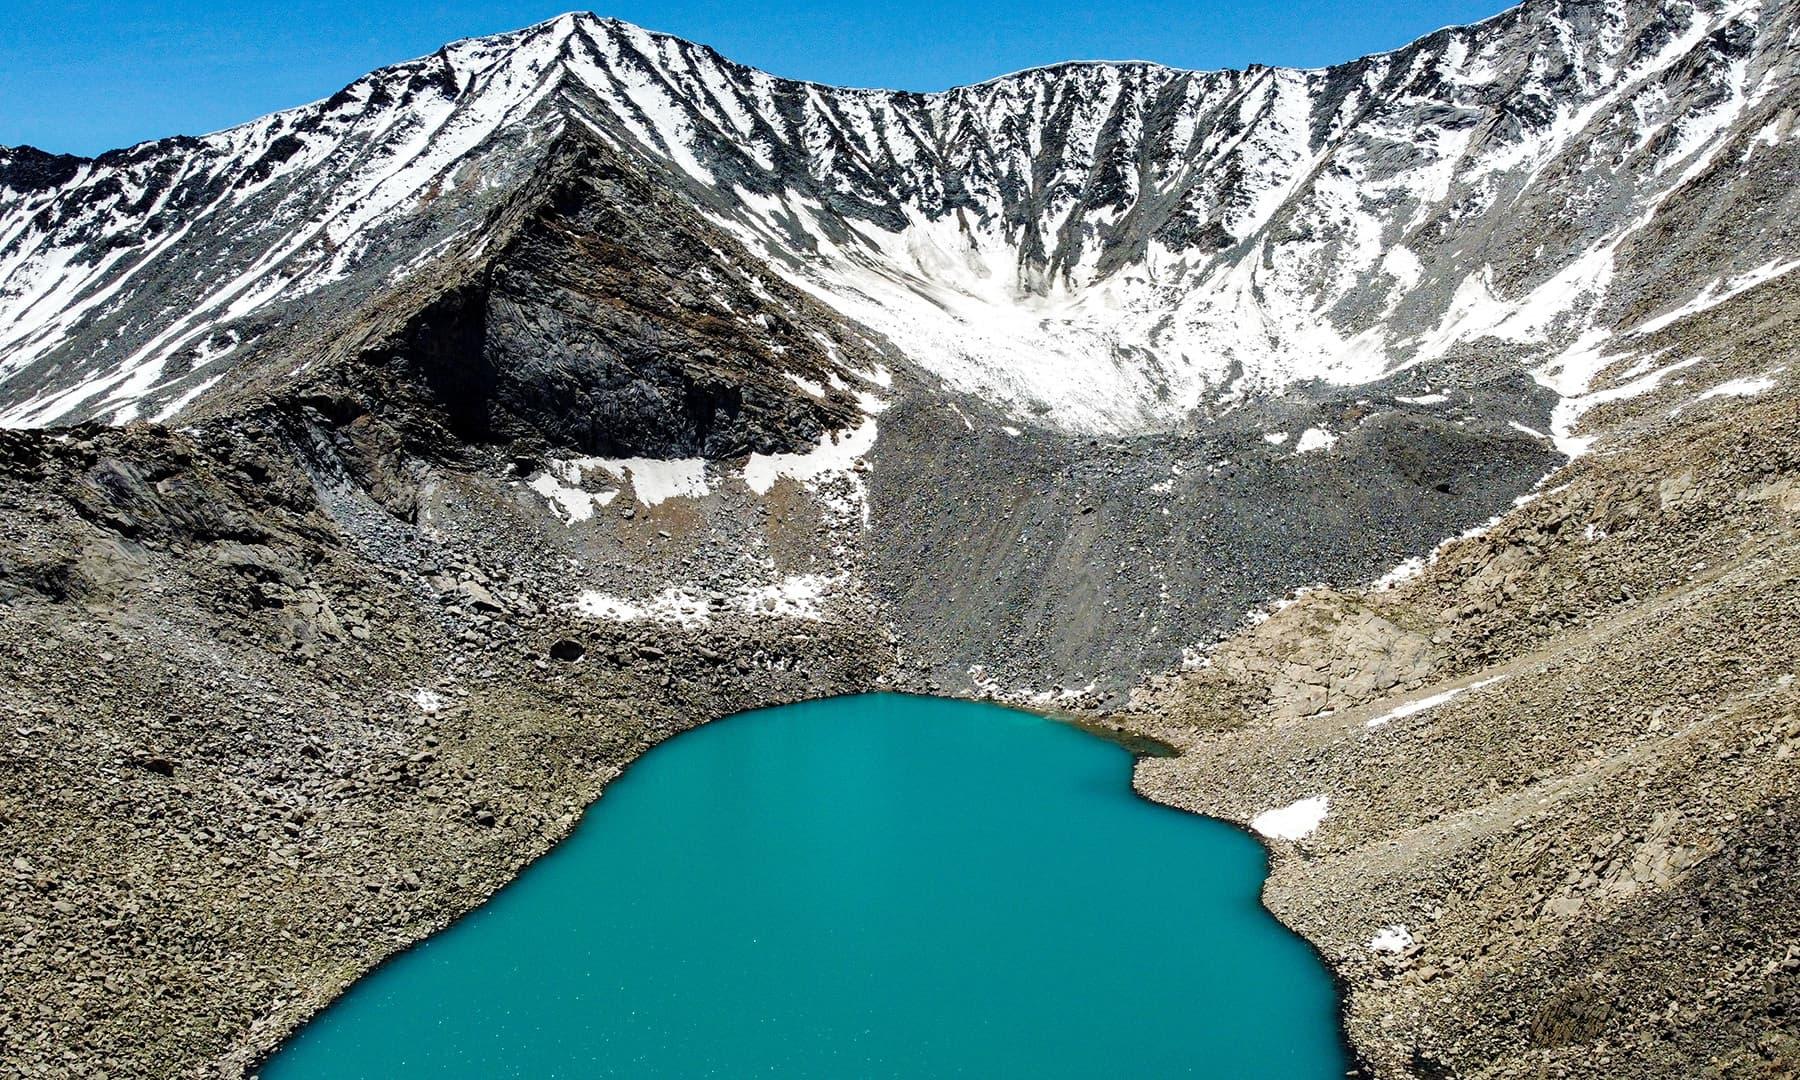 جھیل کی لمبائی 1200 میٹر جبکہ چوڑائی 700 میٹر ہے